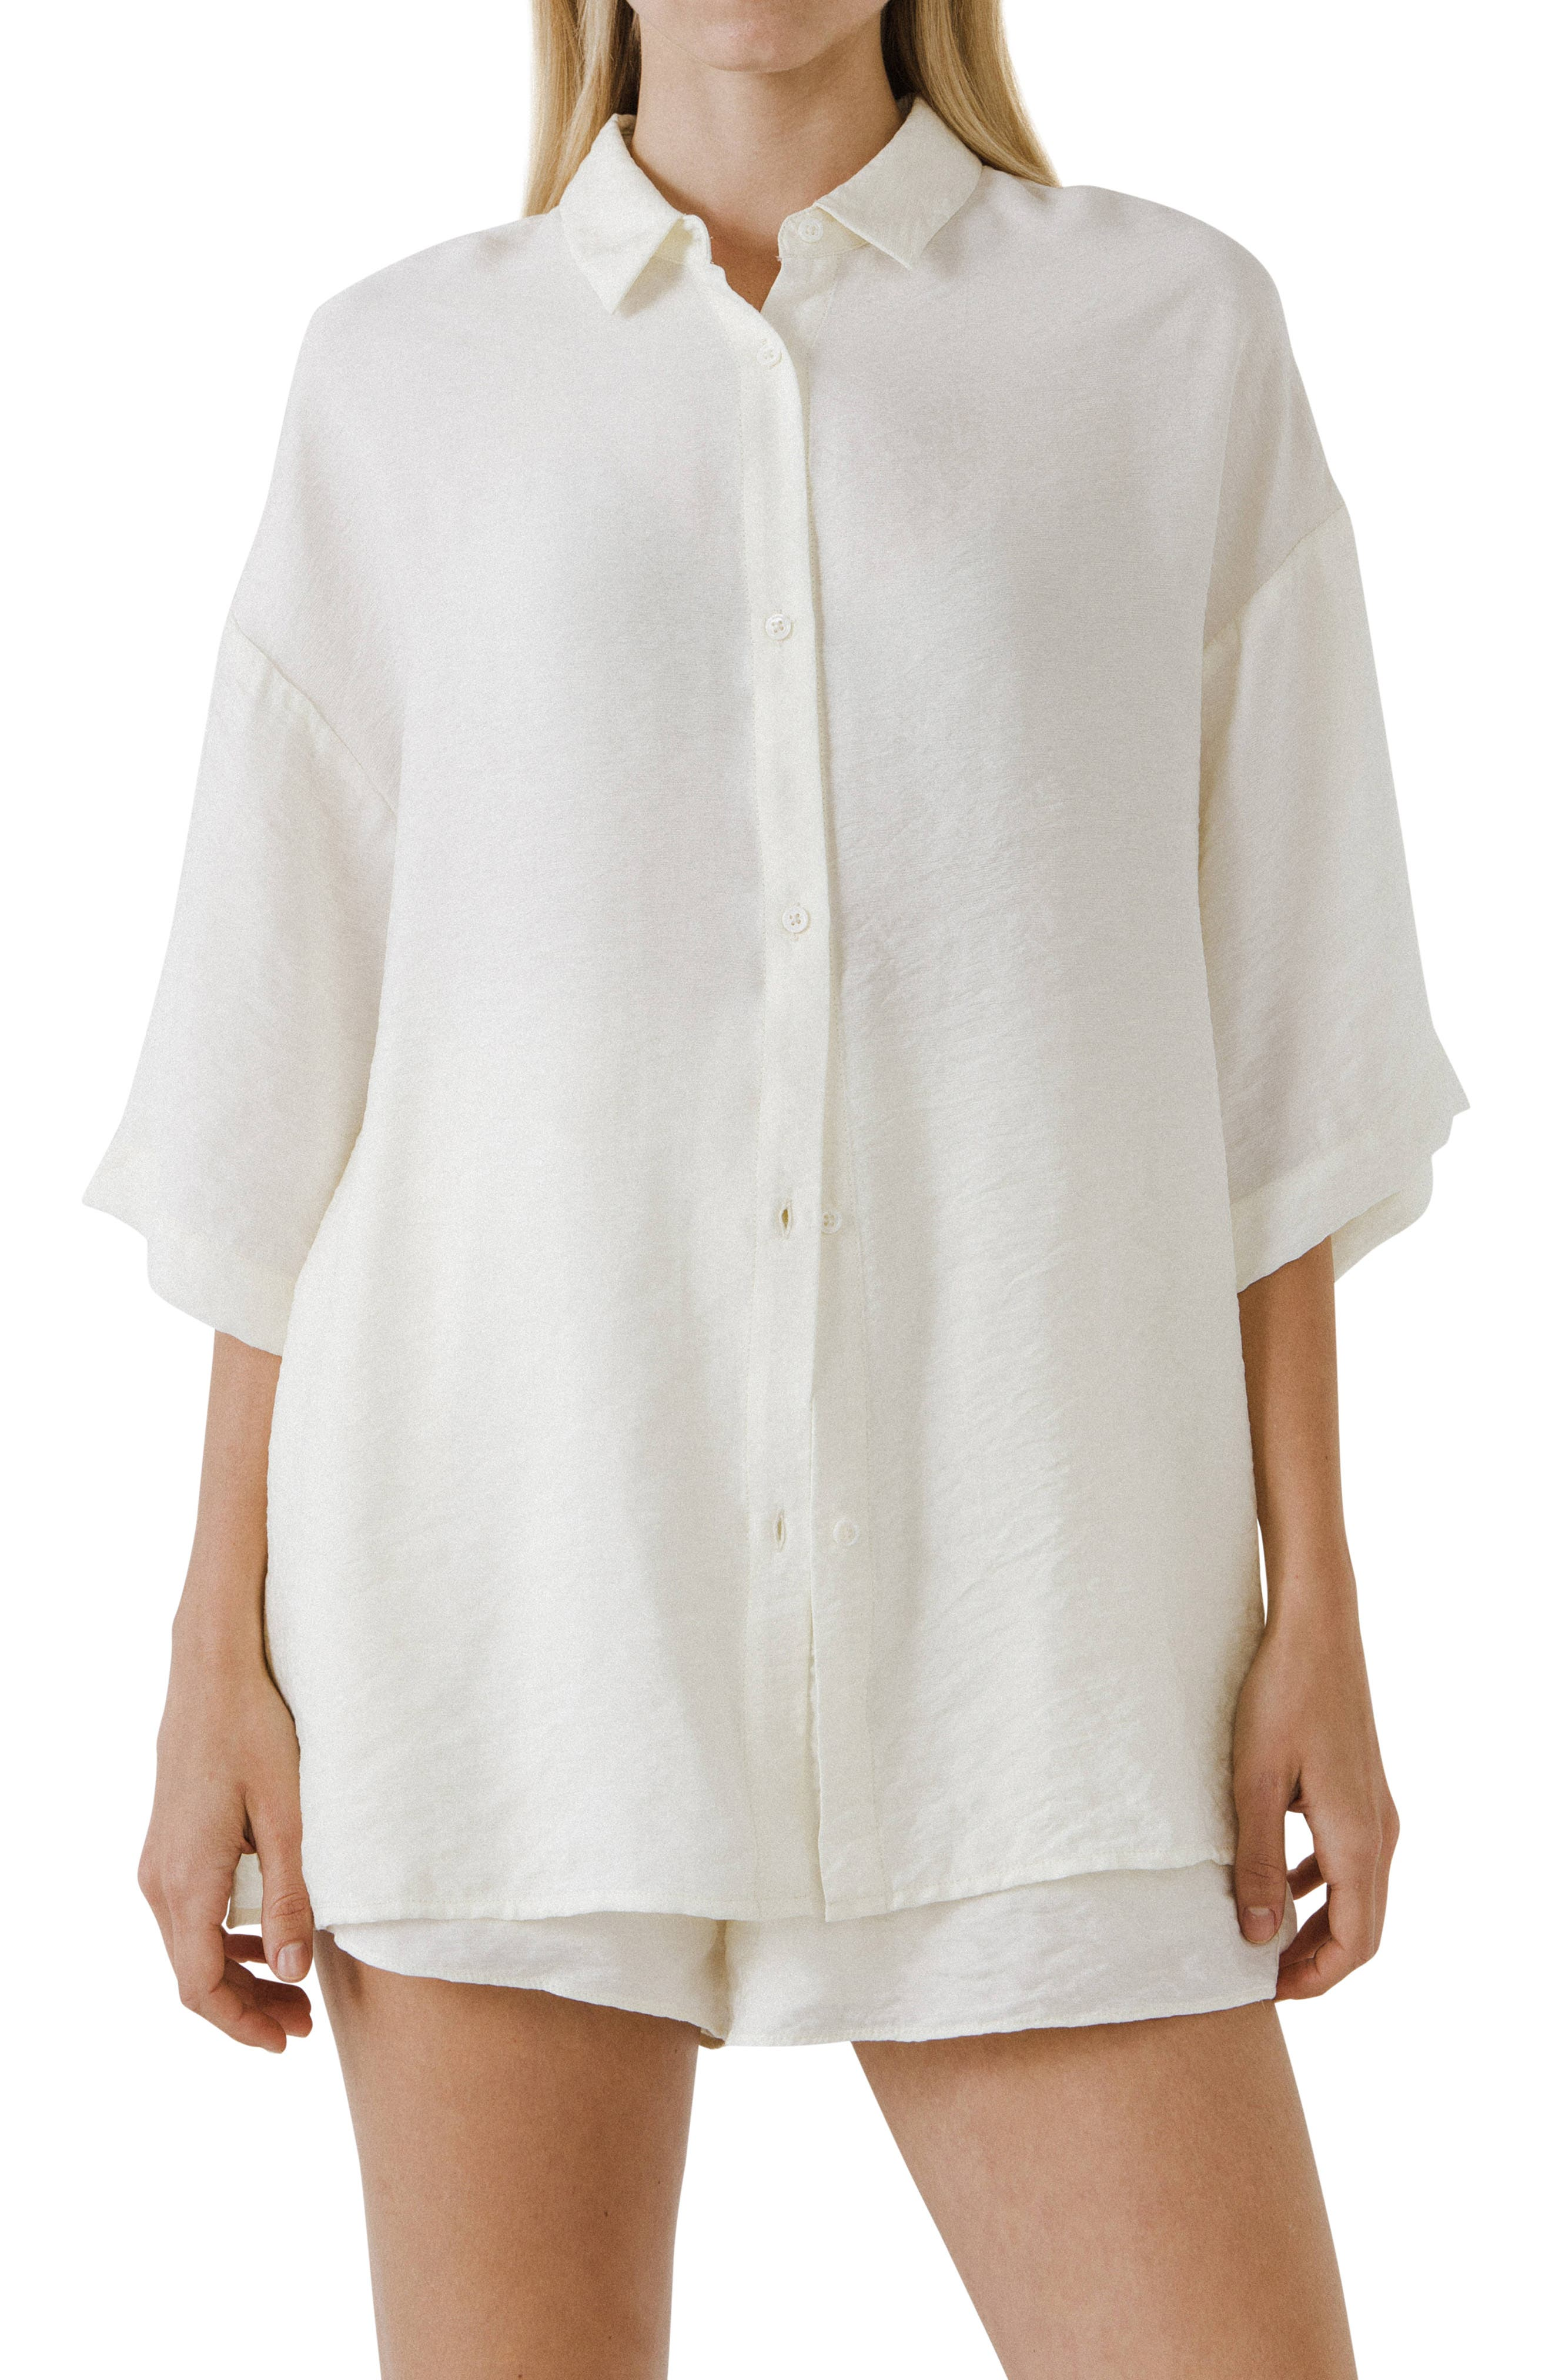 Oversize Button-Up Shirt